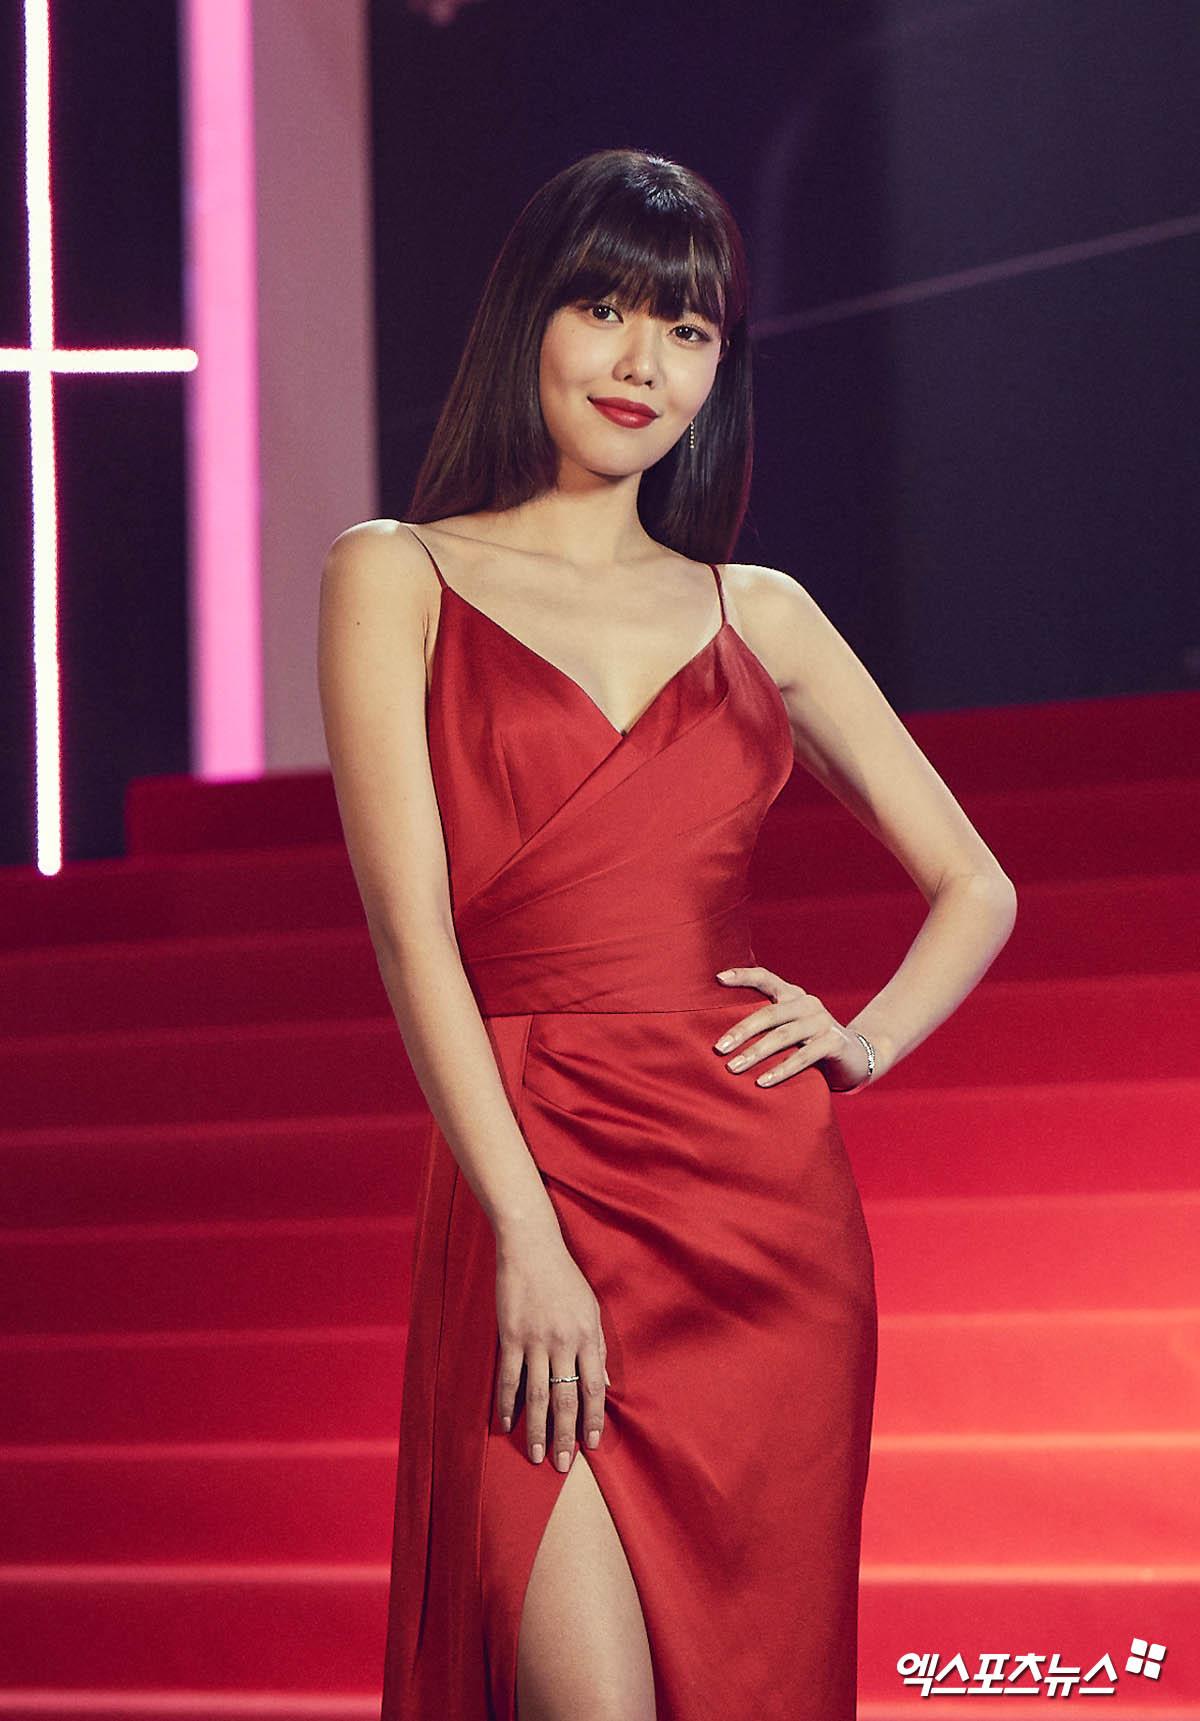 Bà hoàng thảm đỏ MAMA gọi tên Sooyoung và mỹ nhân Gia Đình Là Số 1: Người o ép, người lồ lộ vòng 3 vì đầm mỏng tang! - Ảnh 4.